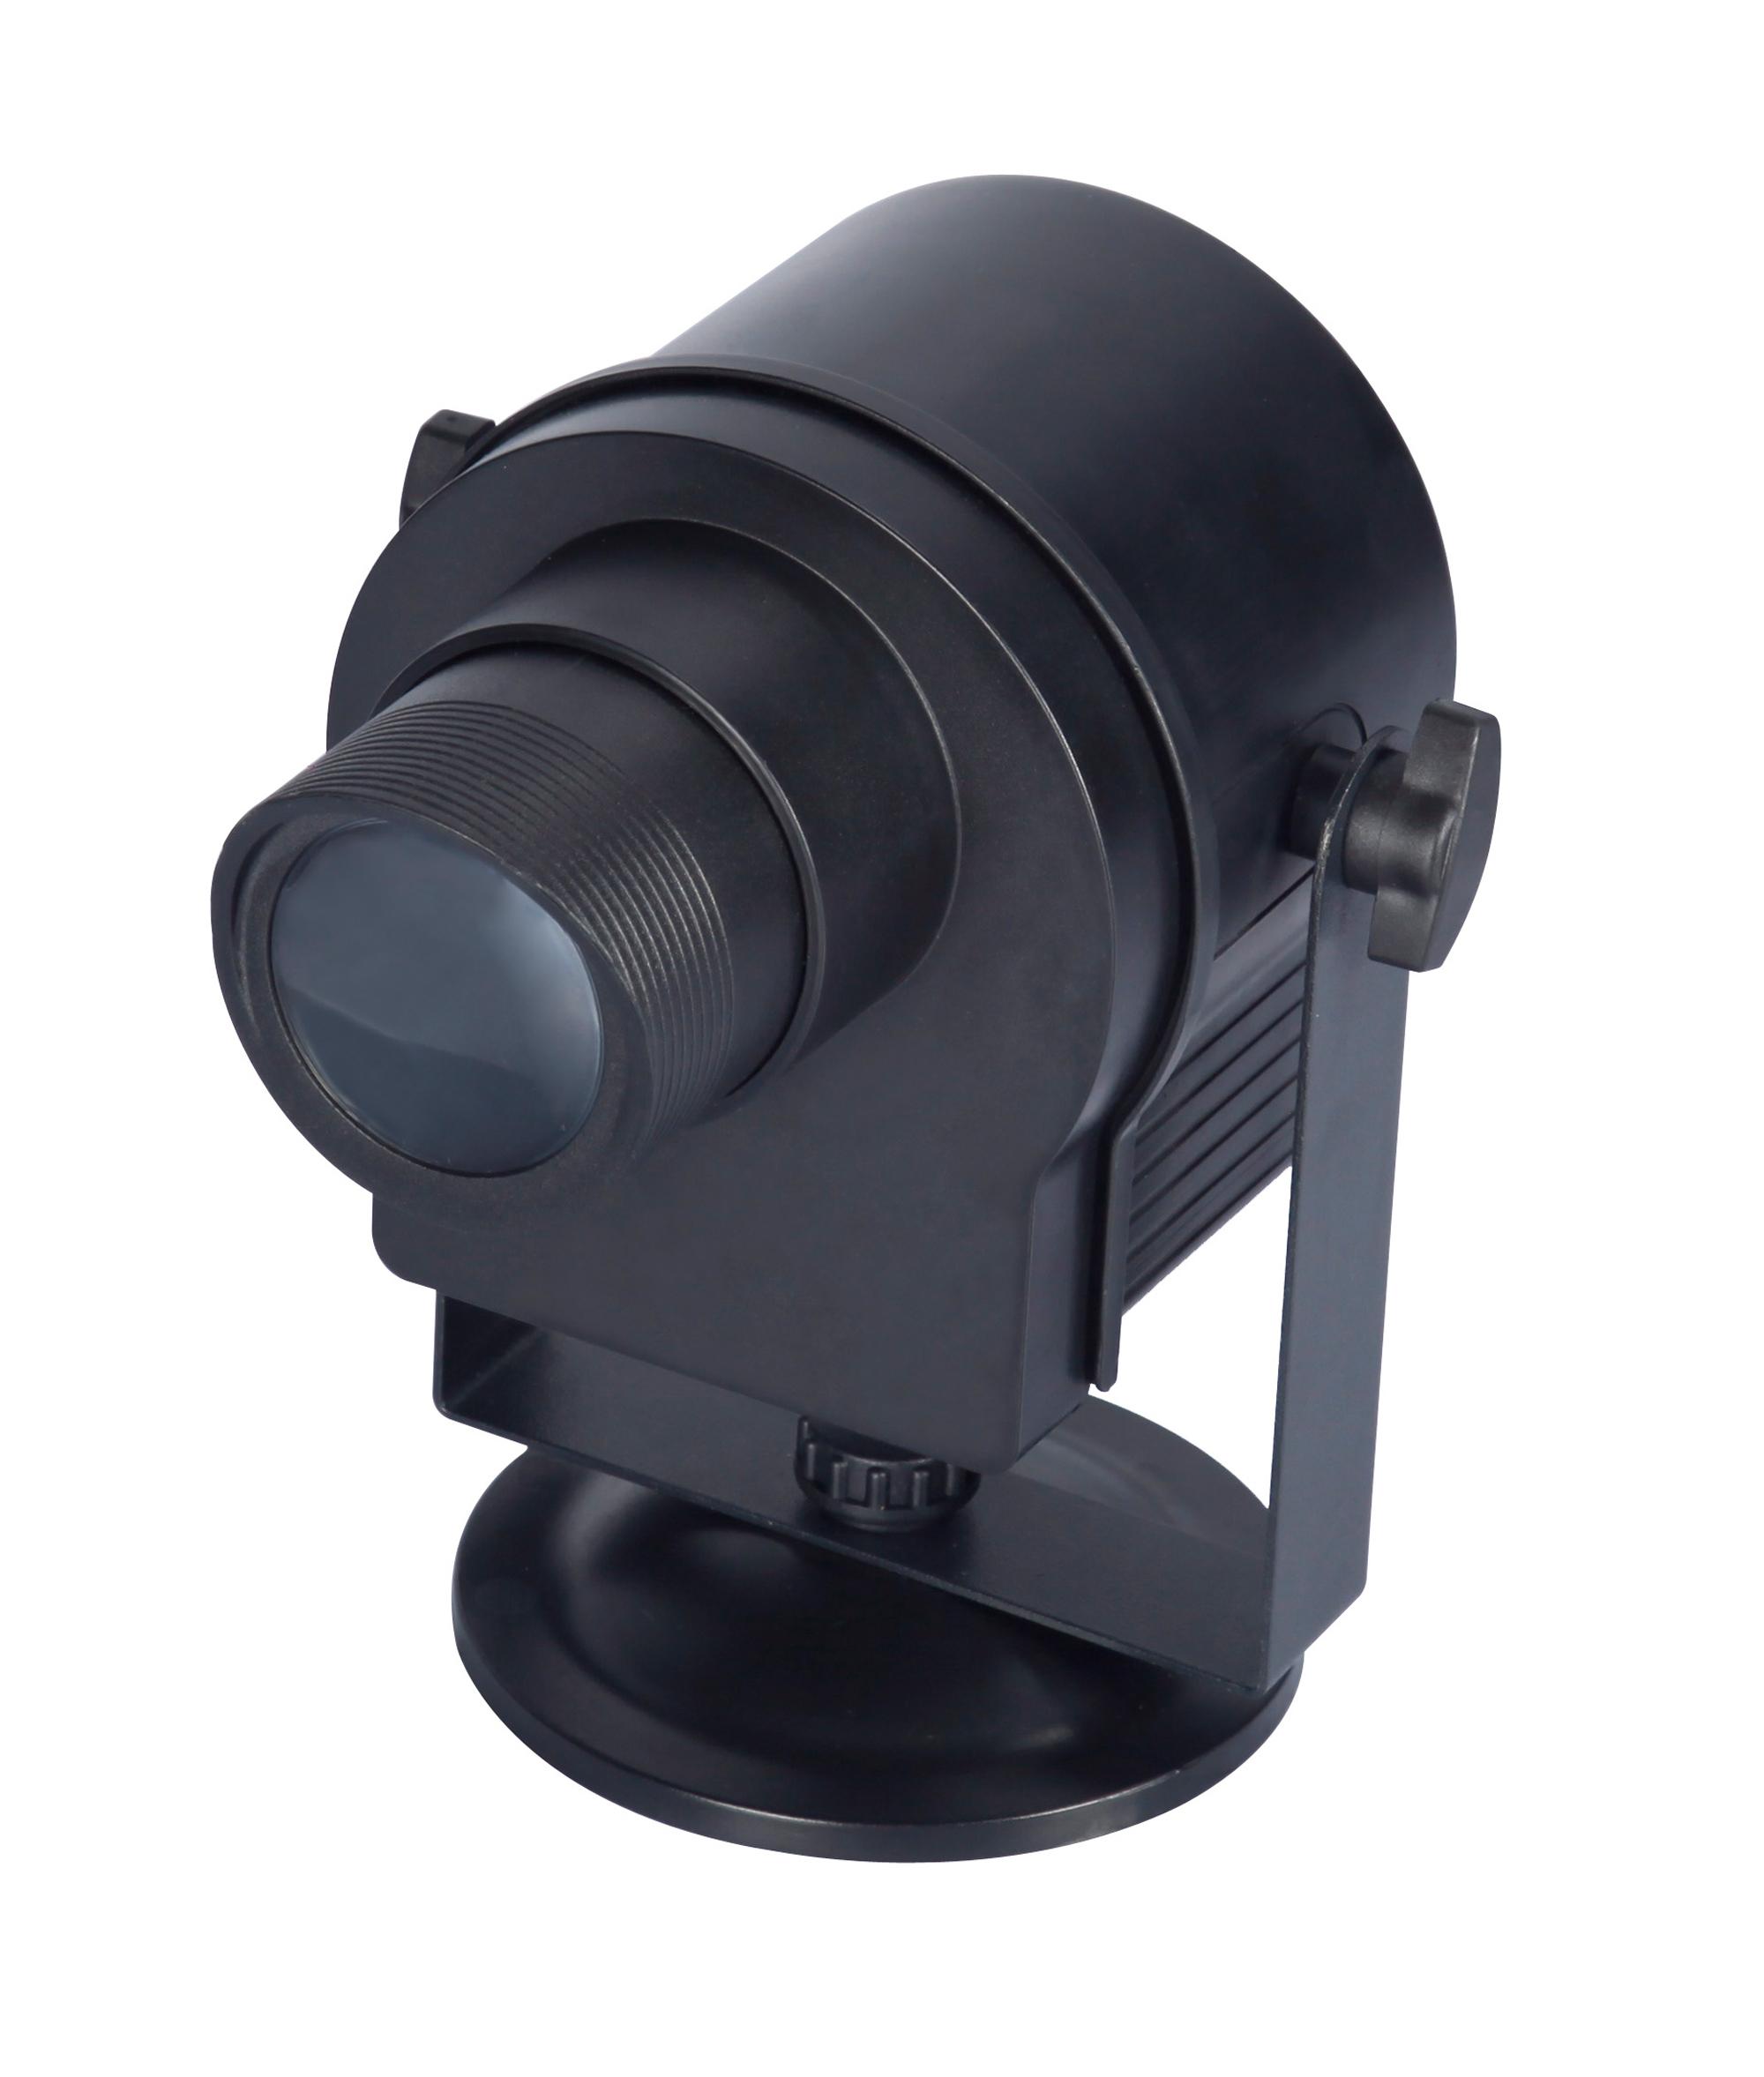 Ultron 239700239700 - Außen-Bodenbeleuchtung - Schwarz - IP65 - Rasen - LED - 7 W